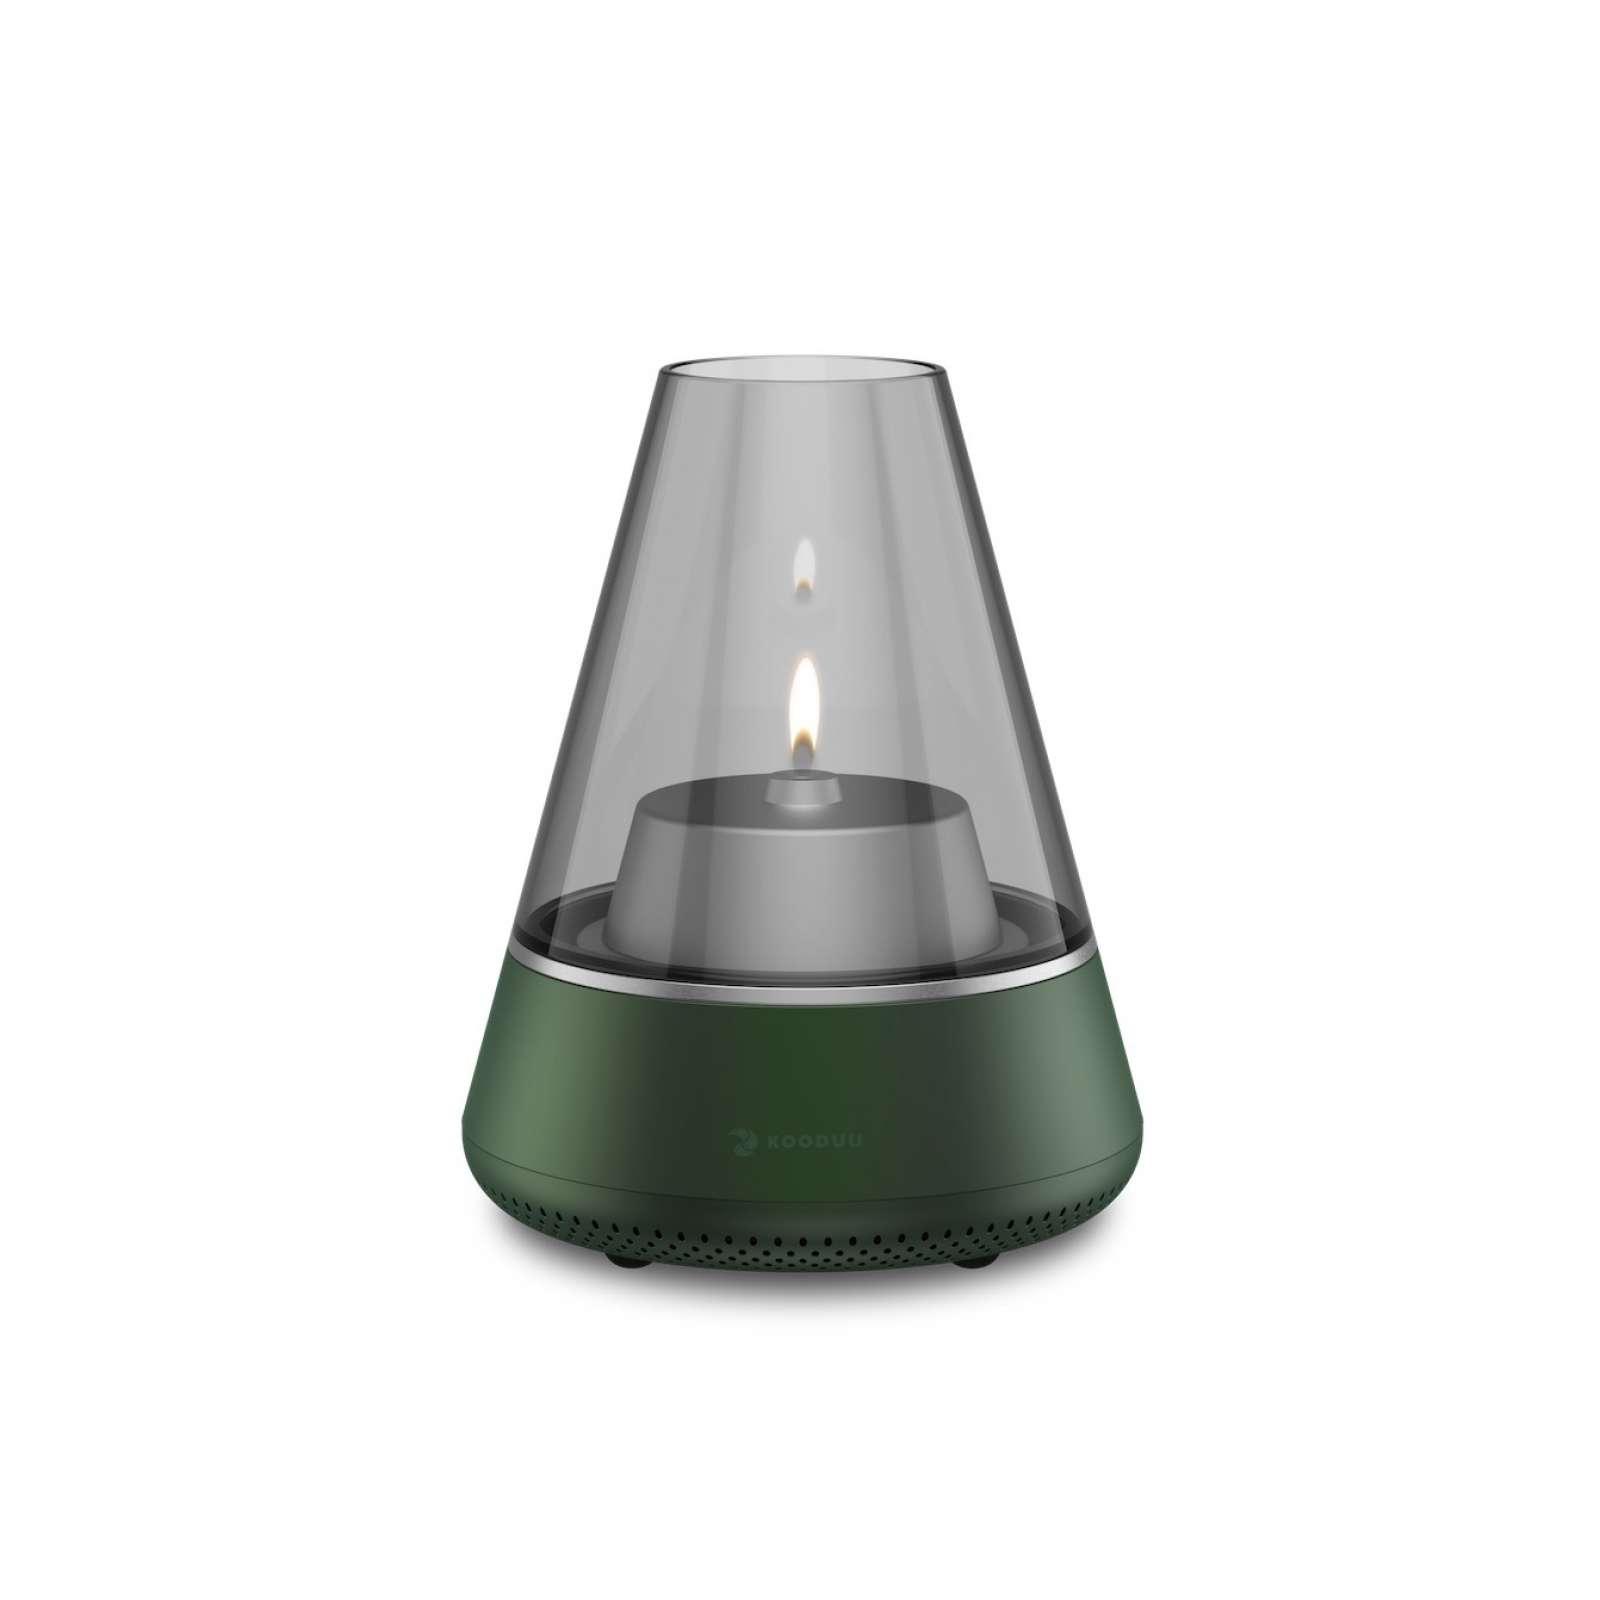 LED Innen /& Außenlampe Bluetooth Lautstärker /& Weinkühler zum Aufstellen Ø 31,7